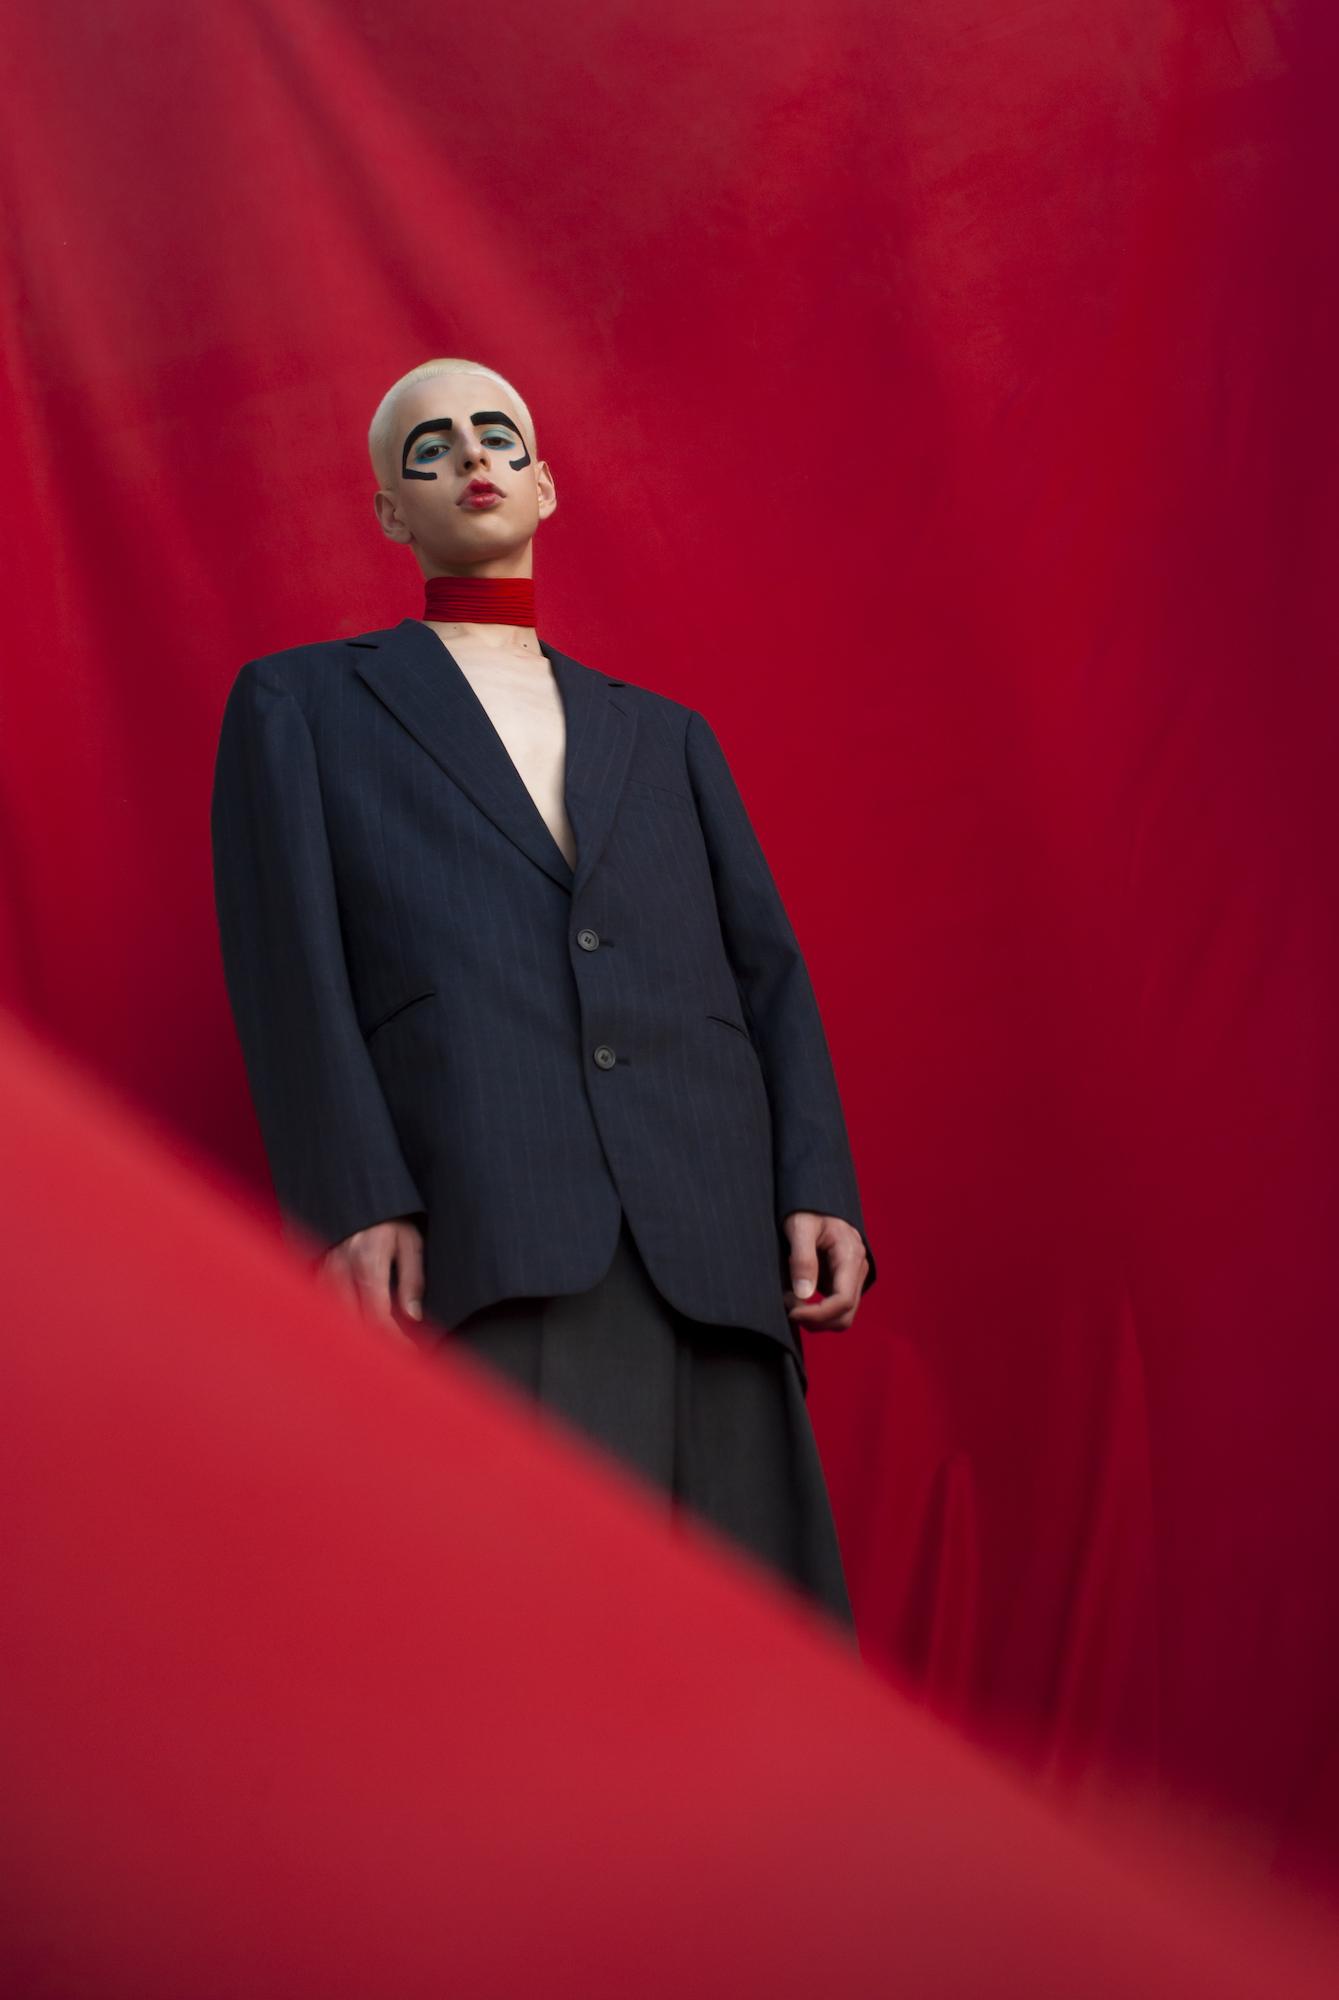 Tres nuevos talentos de la fotografía chilena según Fotodesign